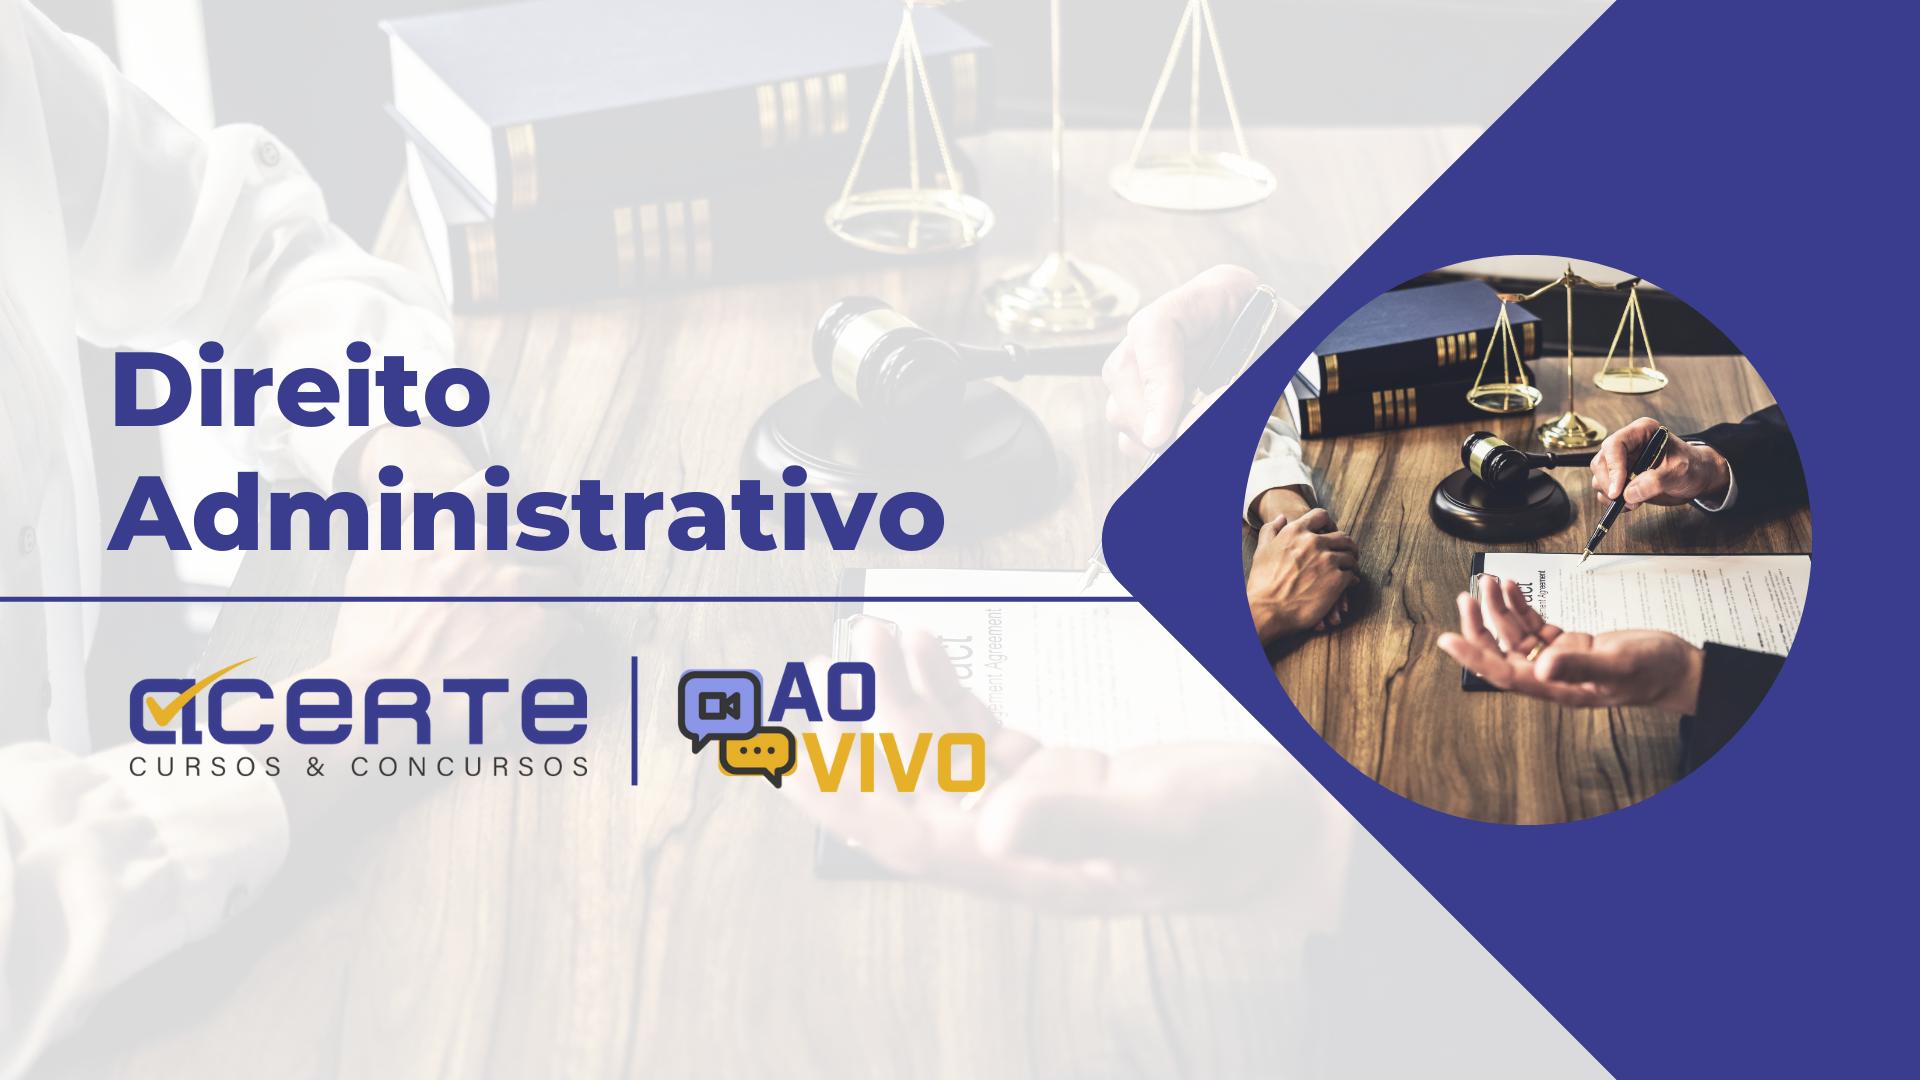 Direito Administrativo - AO VIVO